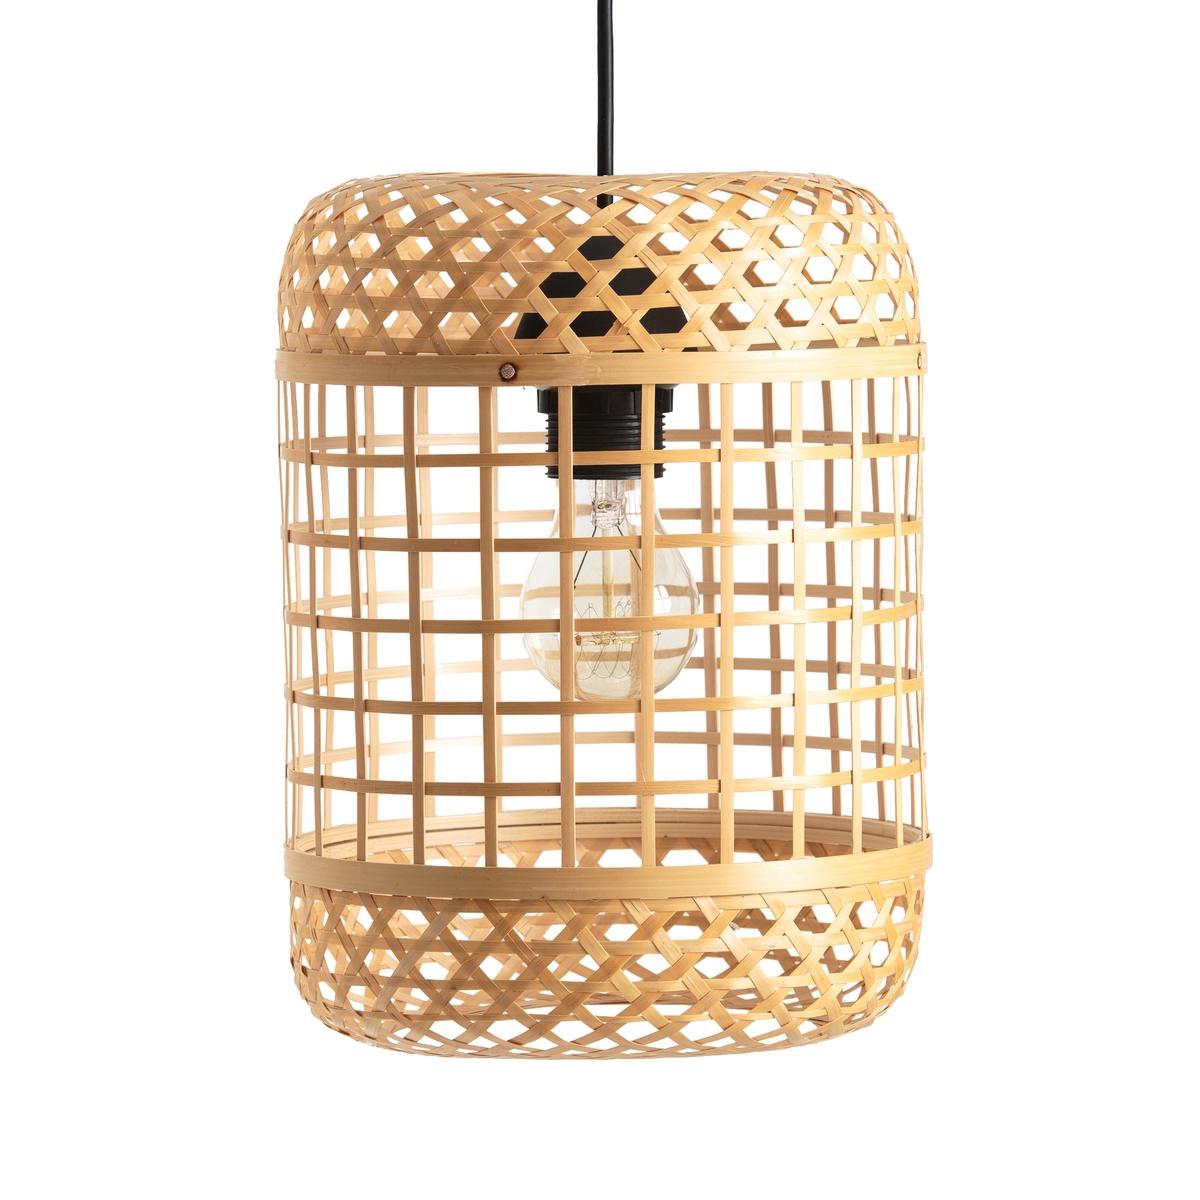 Светильник из натурального бамбука, H28 см, CORDOСветильник из натурального бамбука Cordo. Светильник Cordo с 2 различными плетеными узорами очень естественно рассеивает свет. Неэлектрифицированный.Характеристики светильника Cordo : Светильник из натурального бамбука, сплетенный вручную.Подходит для патрона E27   .Этот товар не электрифицирован, электрические провода Baulind продаются на сайте laredoute.ru.Всю коллекцию светильников Cordo Вы найдете на laredoute.ru.Размеры светильника Cordo :Диаметр : 21 см.Высота : 28 см<br><br>Цвет: серо-бежевый